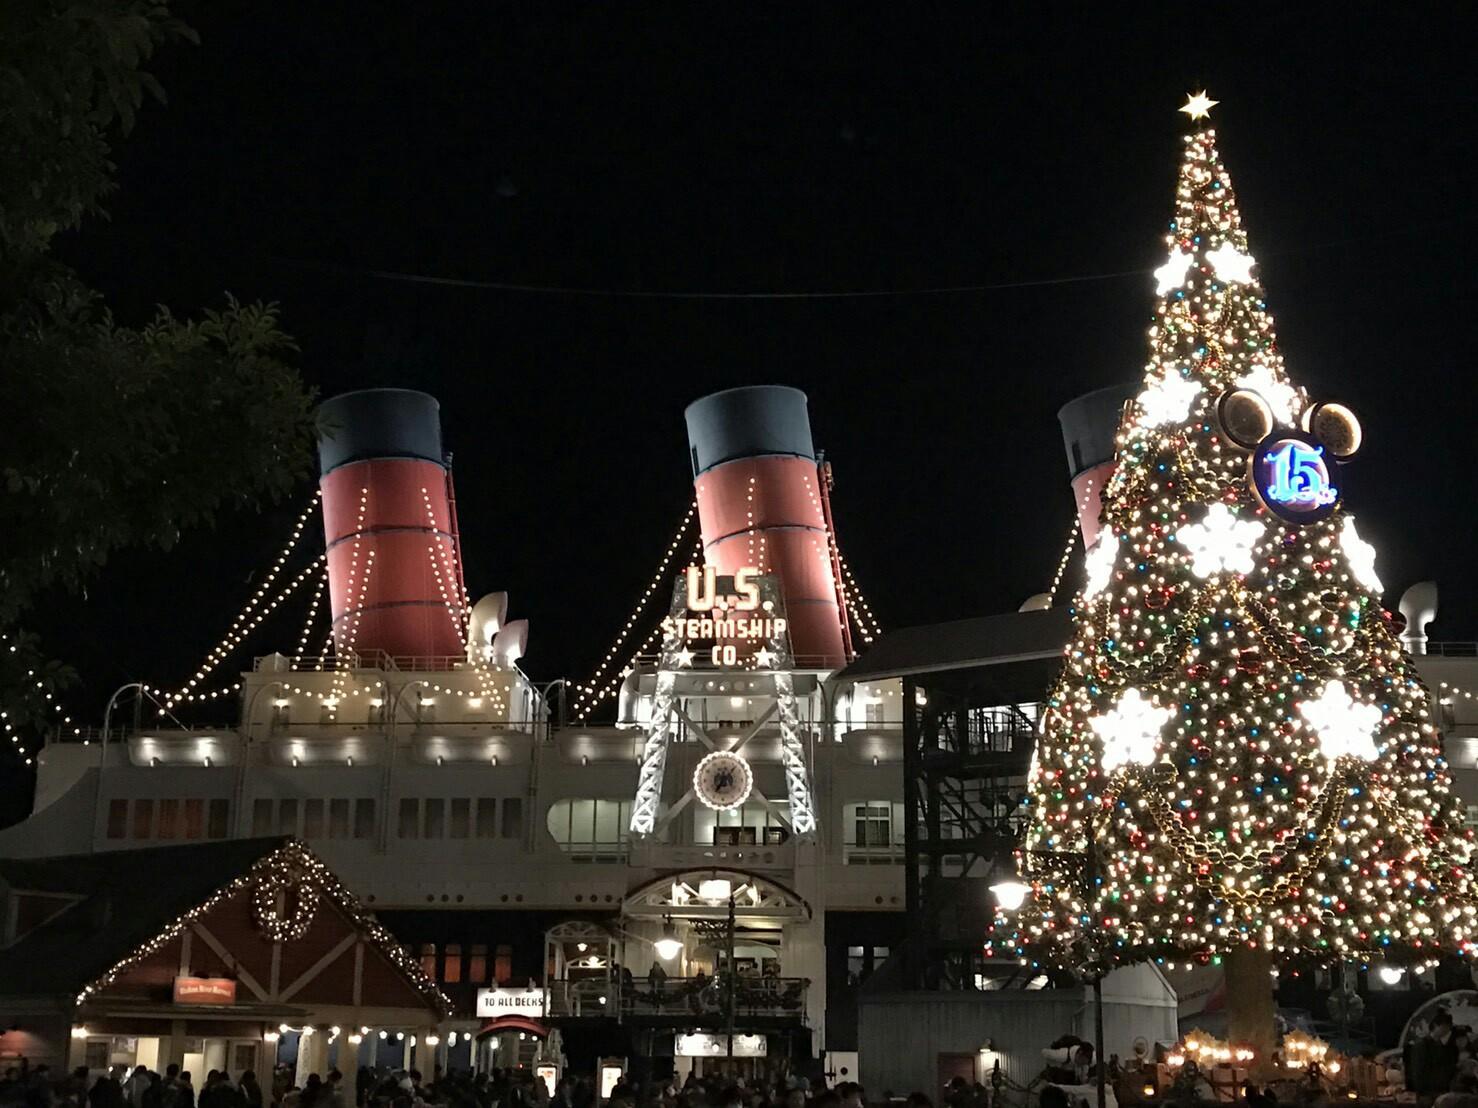 ディズニークリスマス ☆夜☆ - しずかのブログ